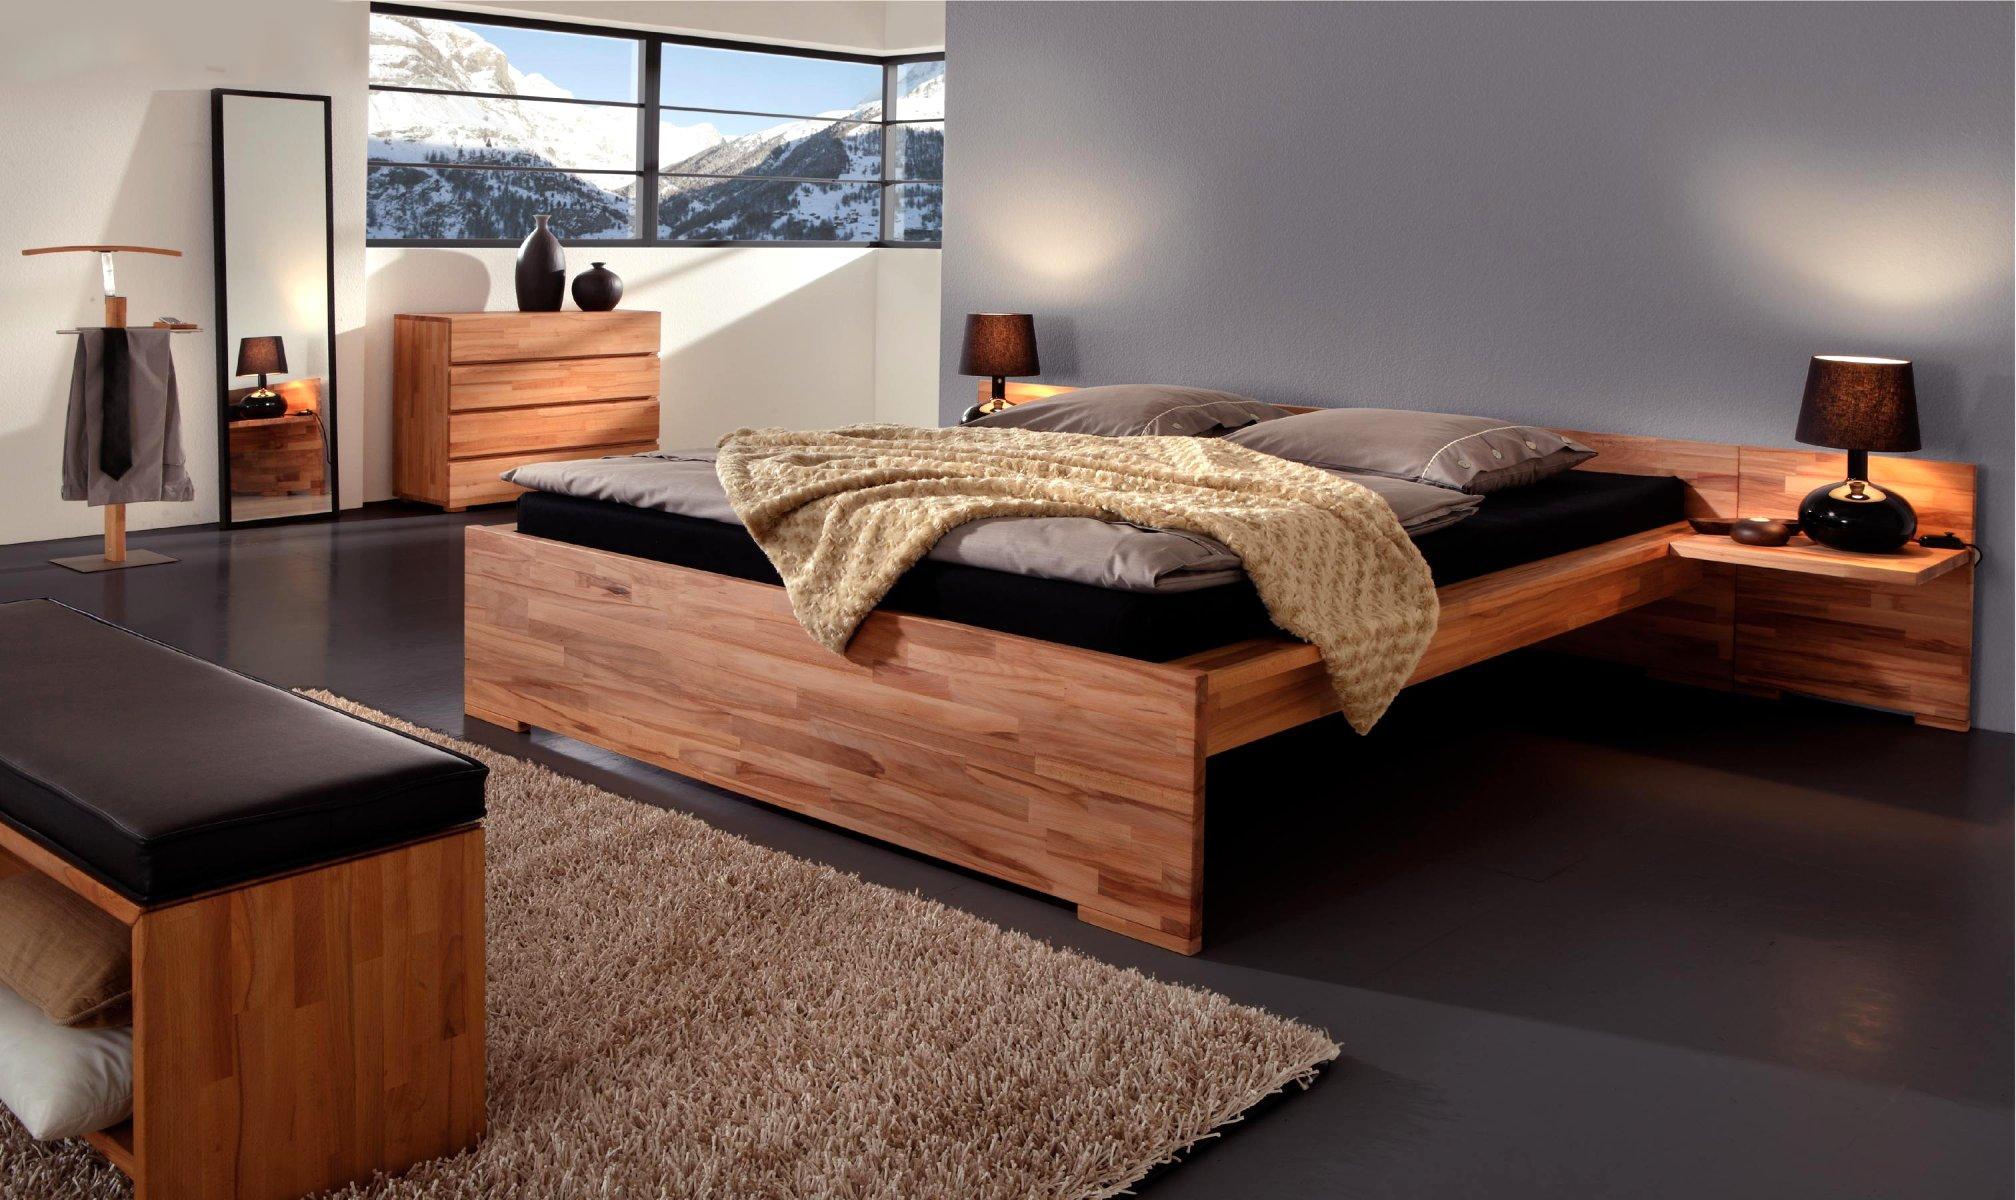 двуспальная кровать из массива фото идеи